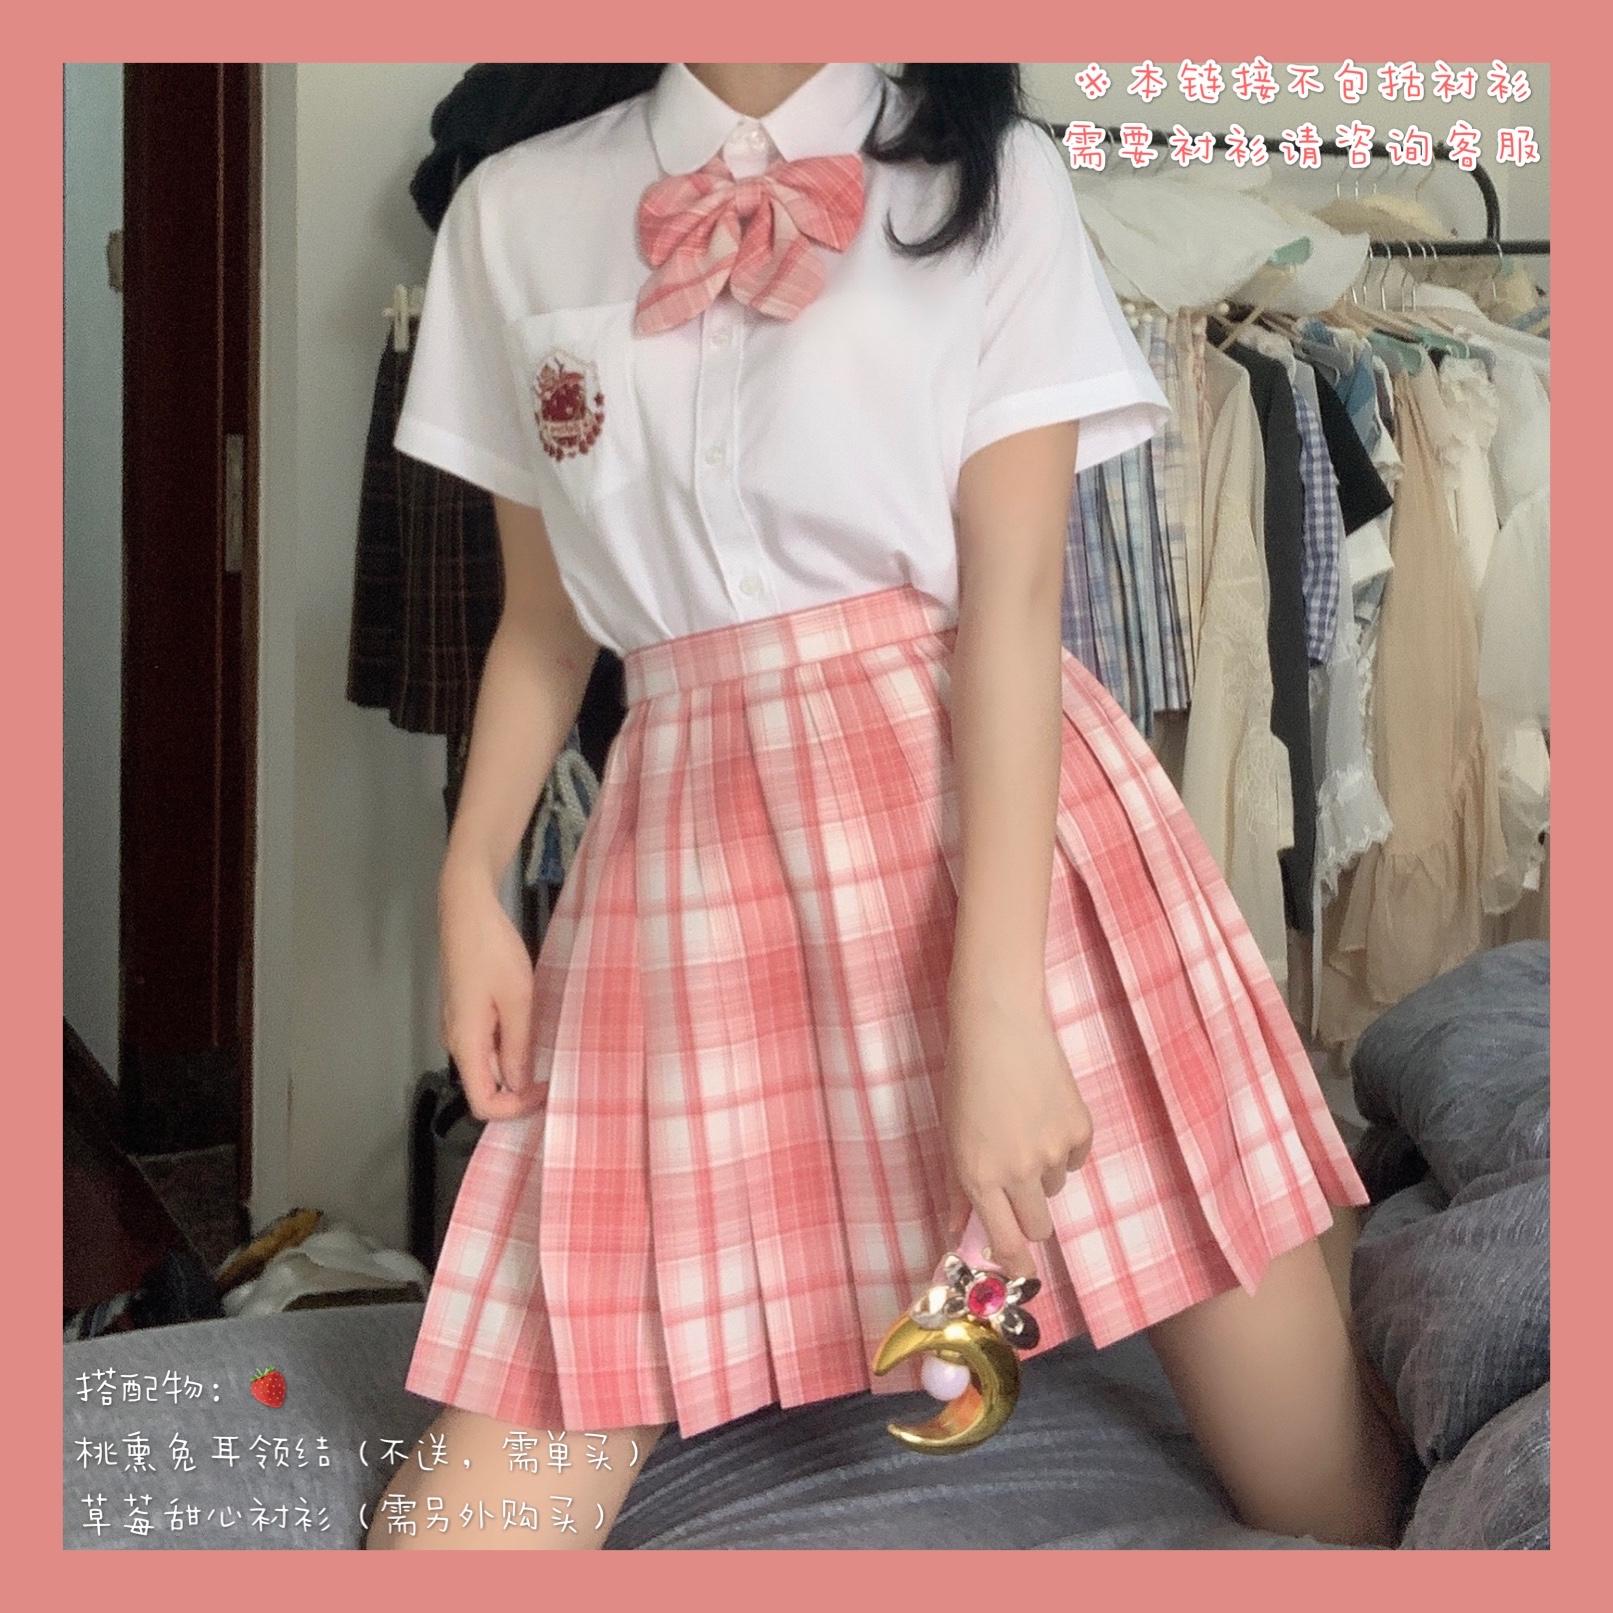 【桃熏】DoKira原创 切片草莓感粉色元气感JK格裙粉格 现